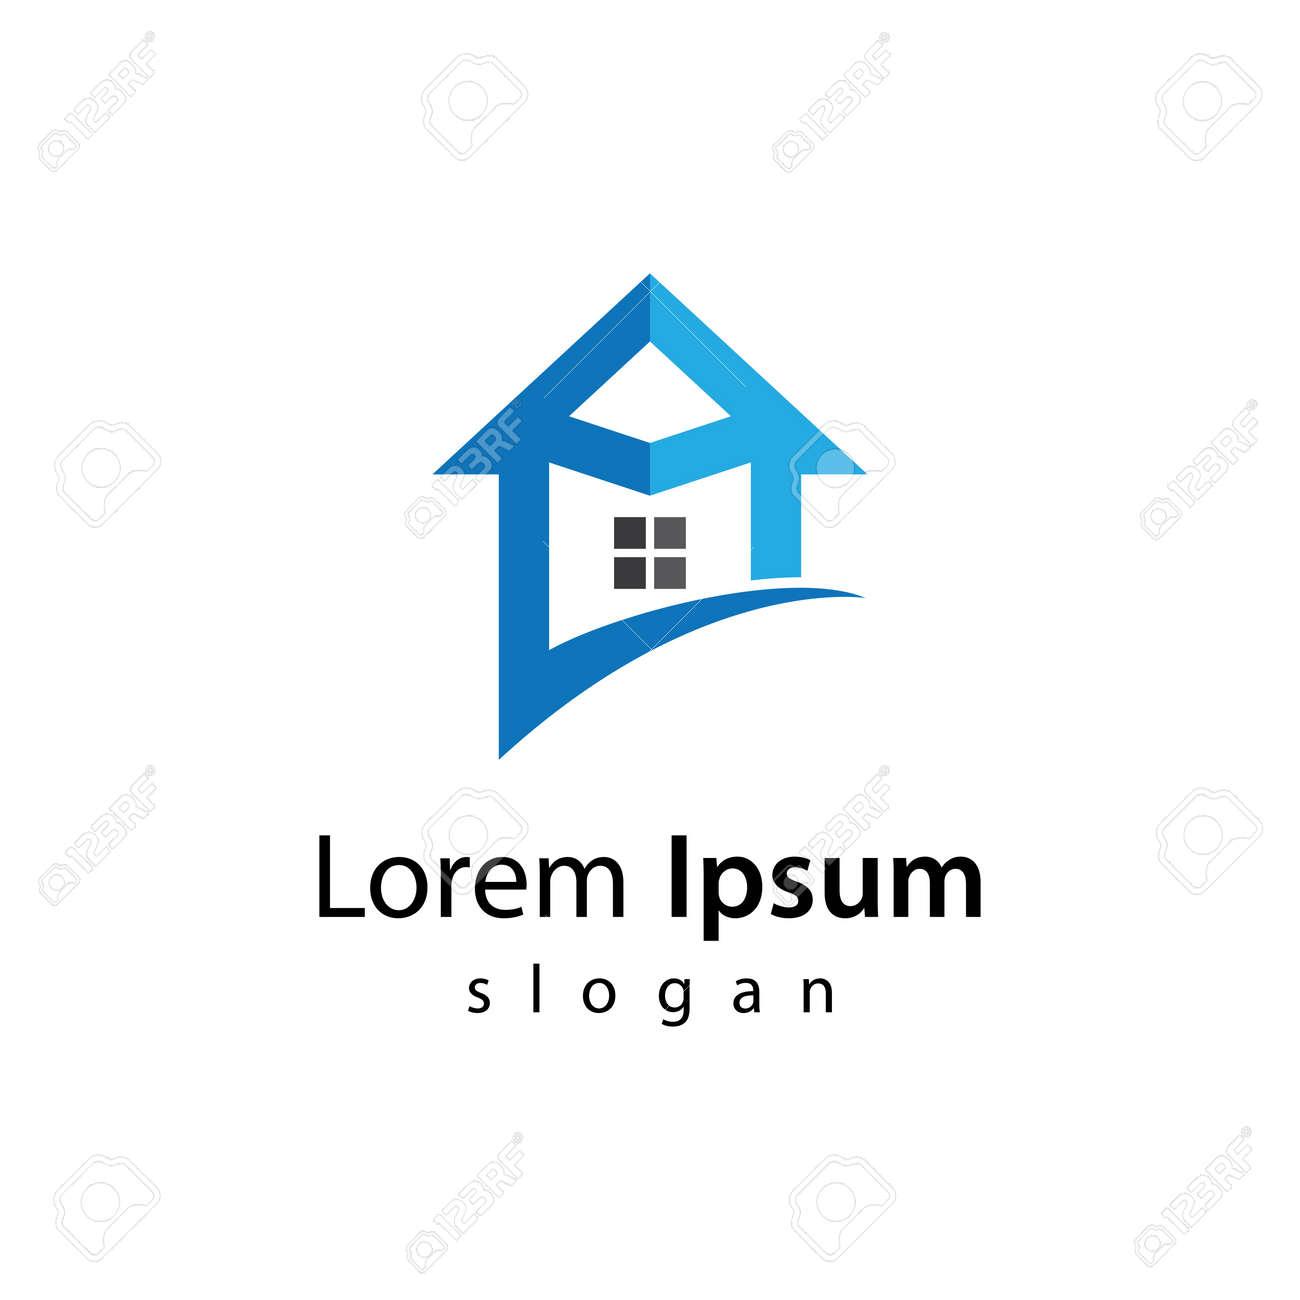 House logo images illustration design - 159498614